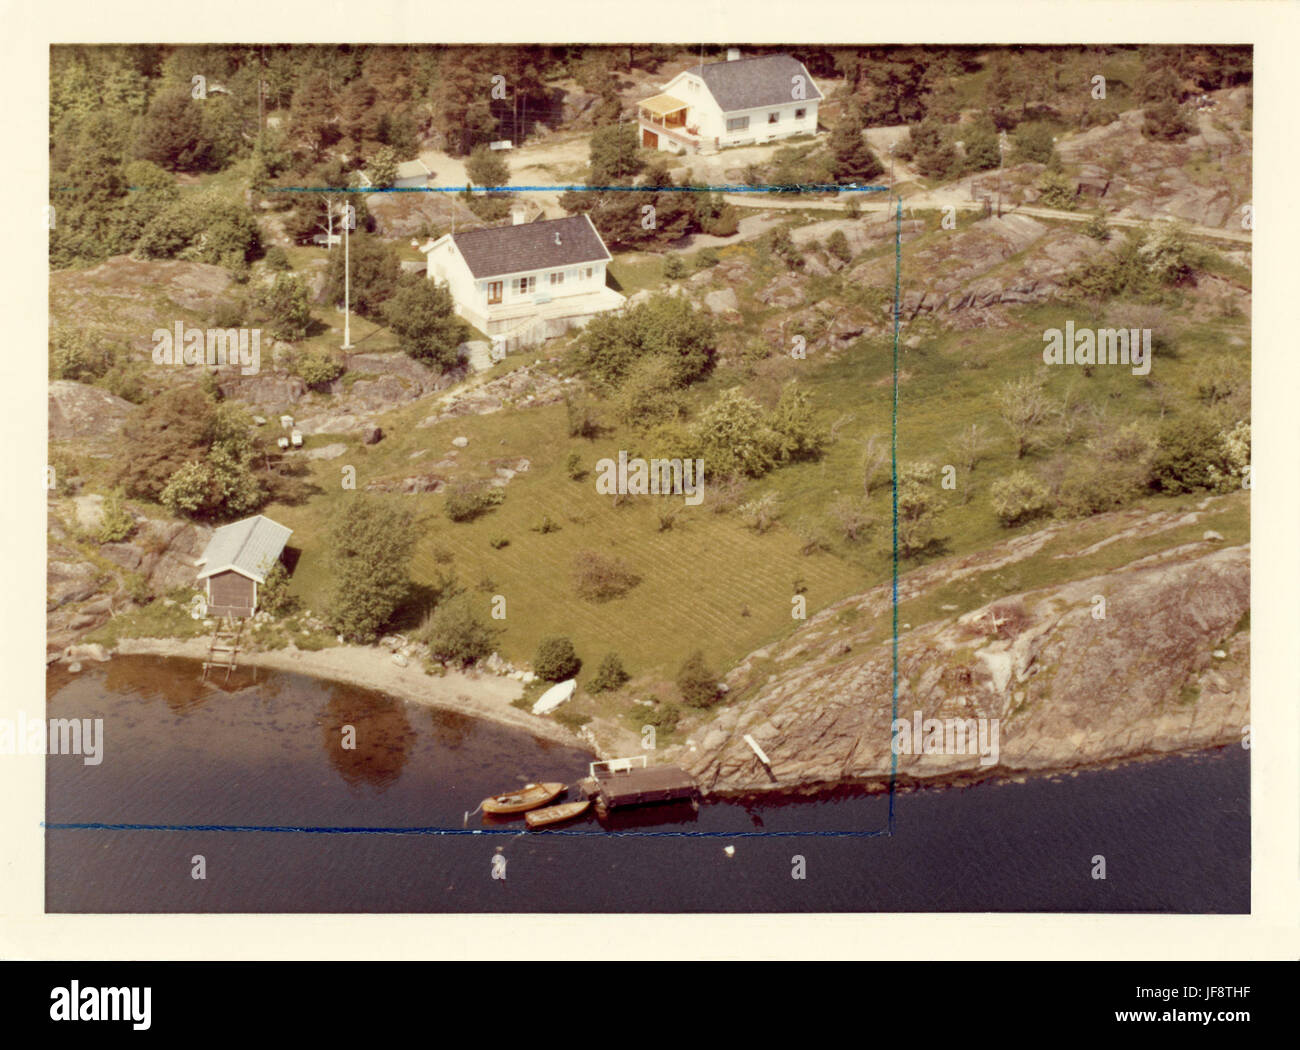 Rønningen Årøysund, Nøtterøy 25121008241 o - Stock Image